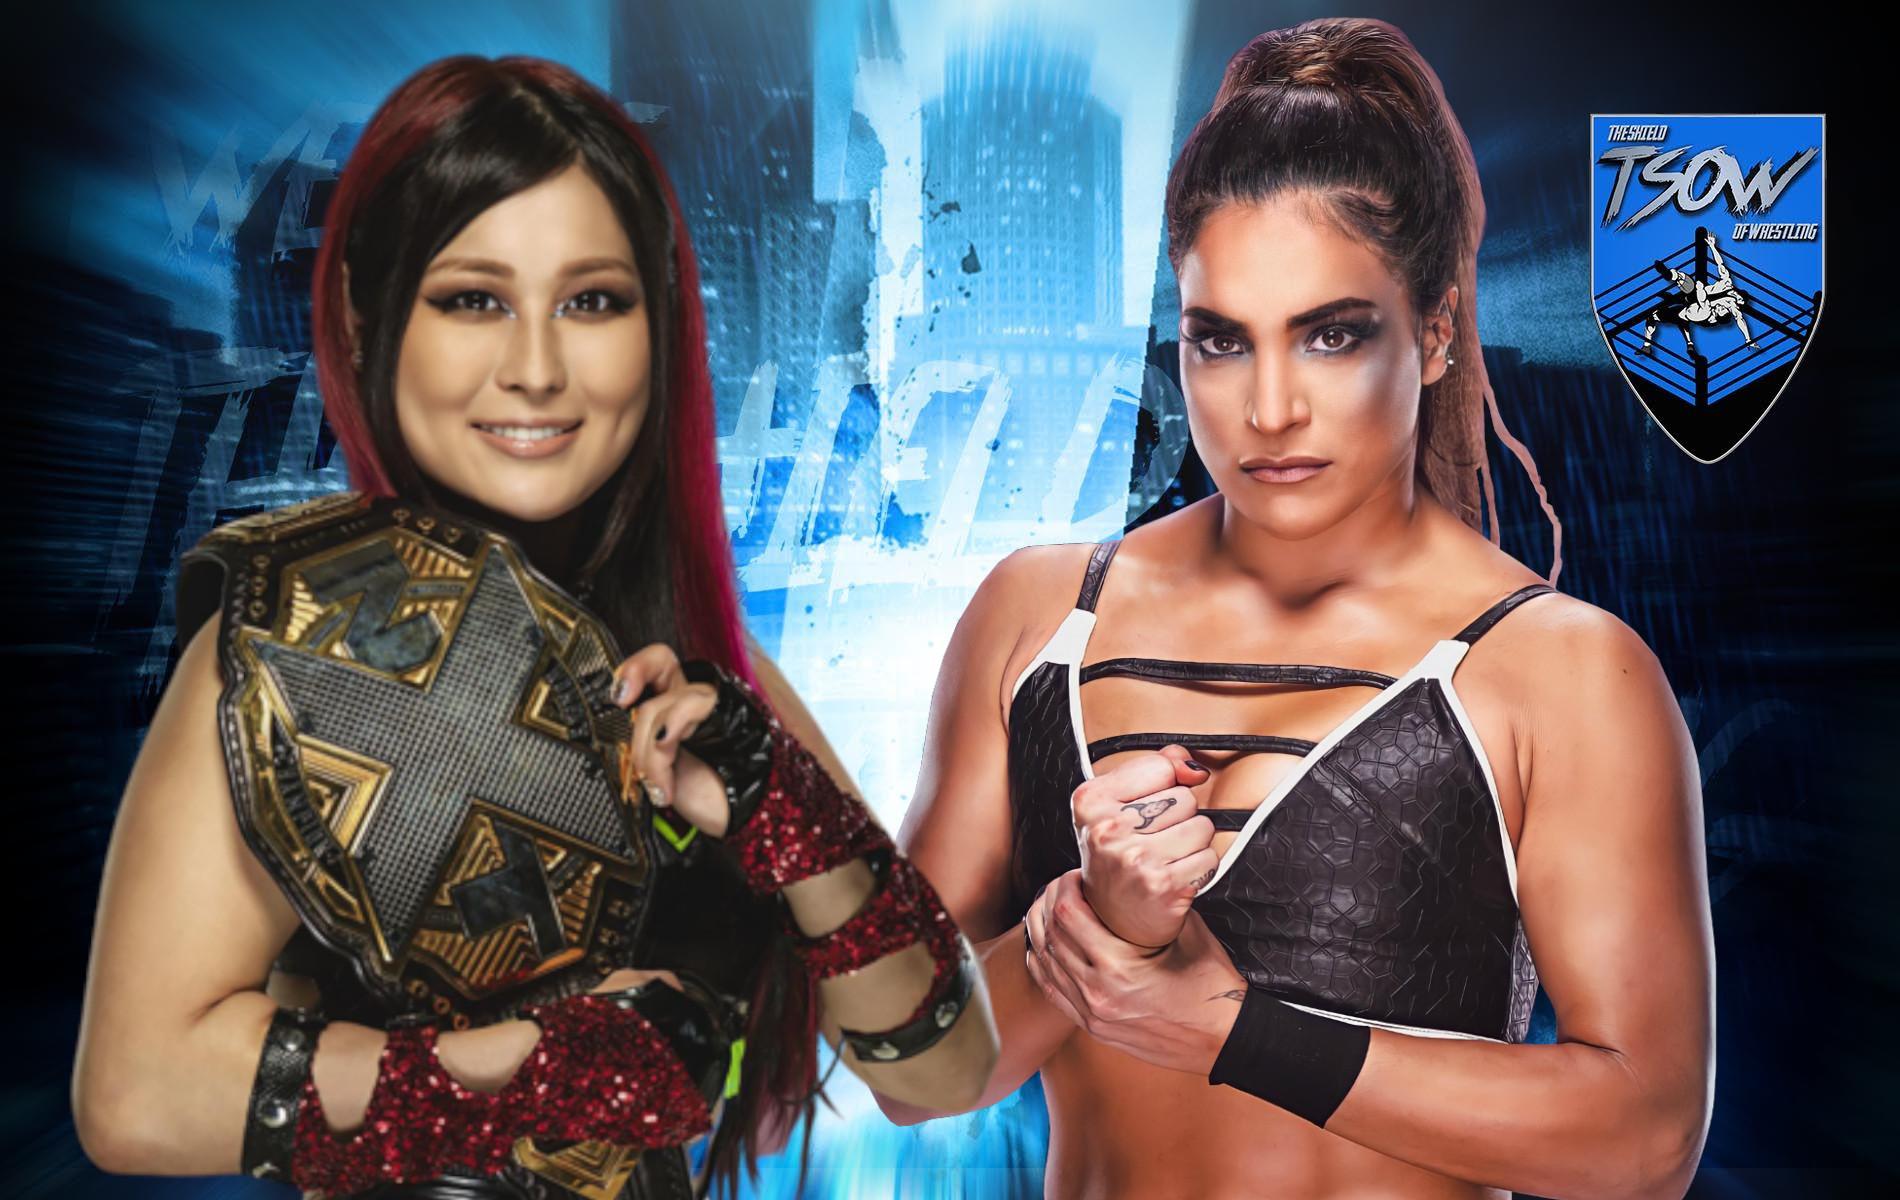 NXT TakeOver: chi ha vinto tra Io Shirai e Raquel Gonzalez?